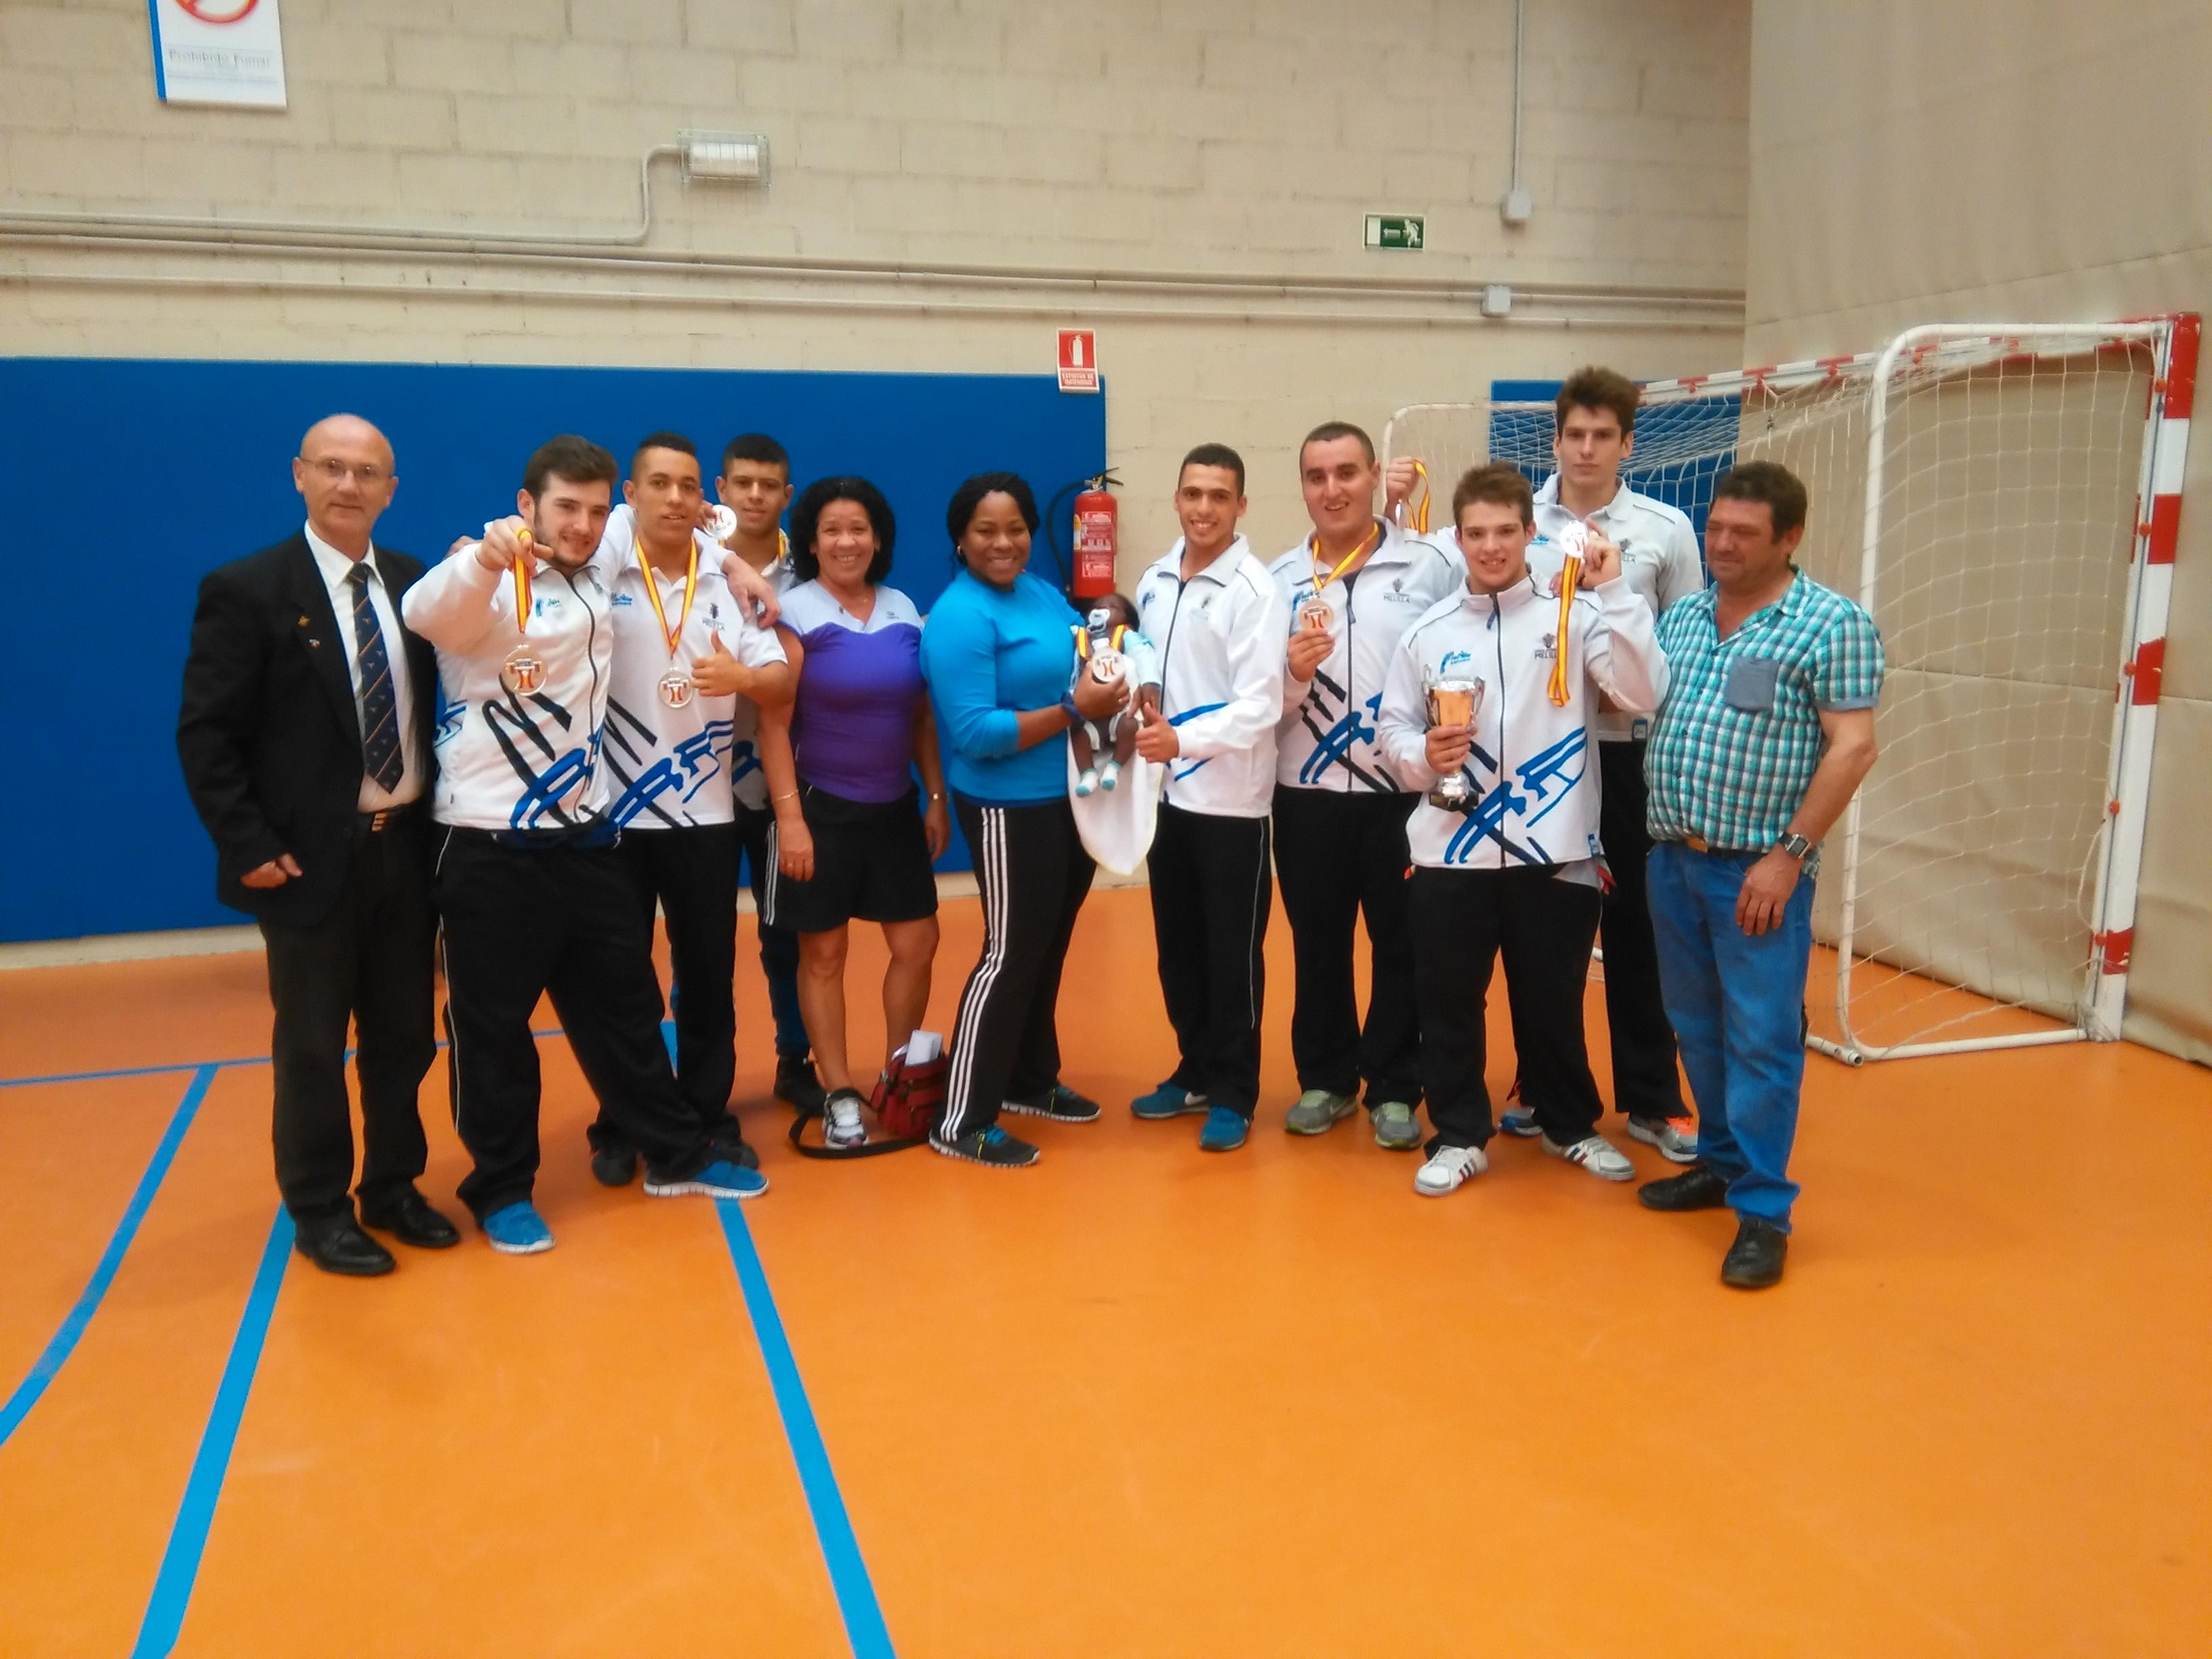 equipo, copa 2014